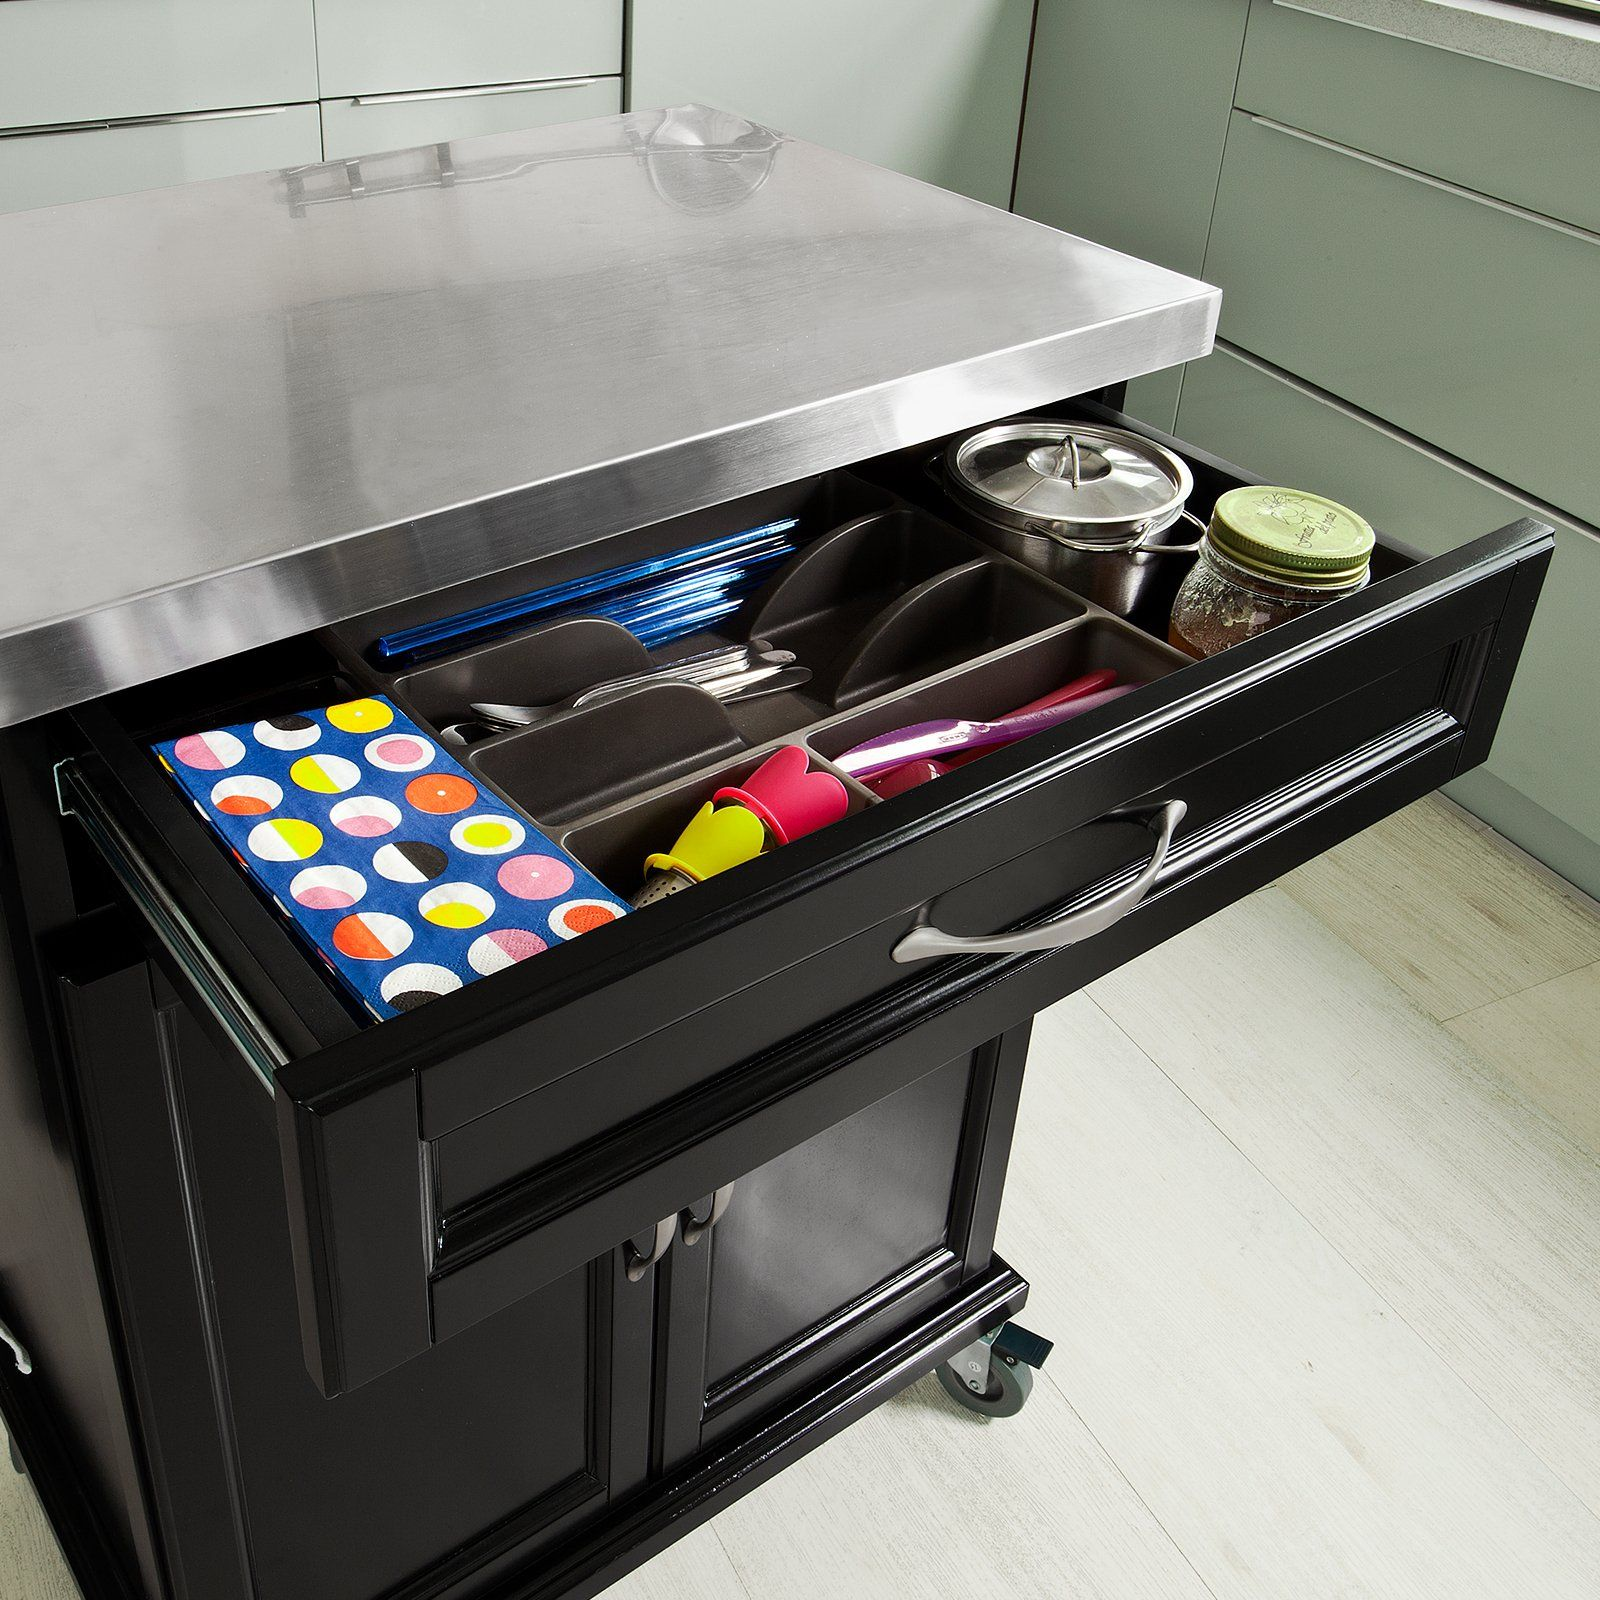 SoBuy Luxus-Küchenwagen mit Edelstahltop, Küchenschrank, Kücheninsel ...